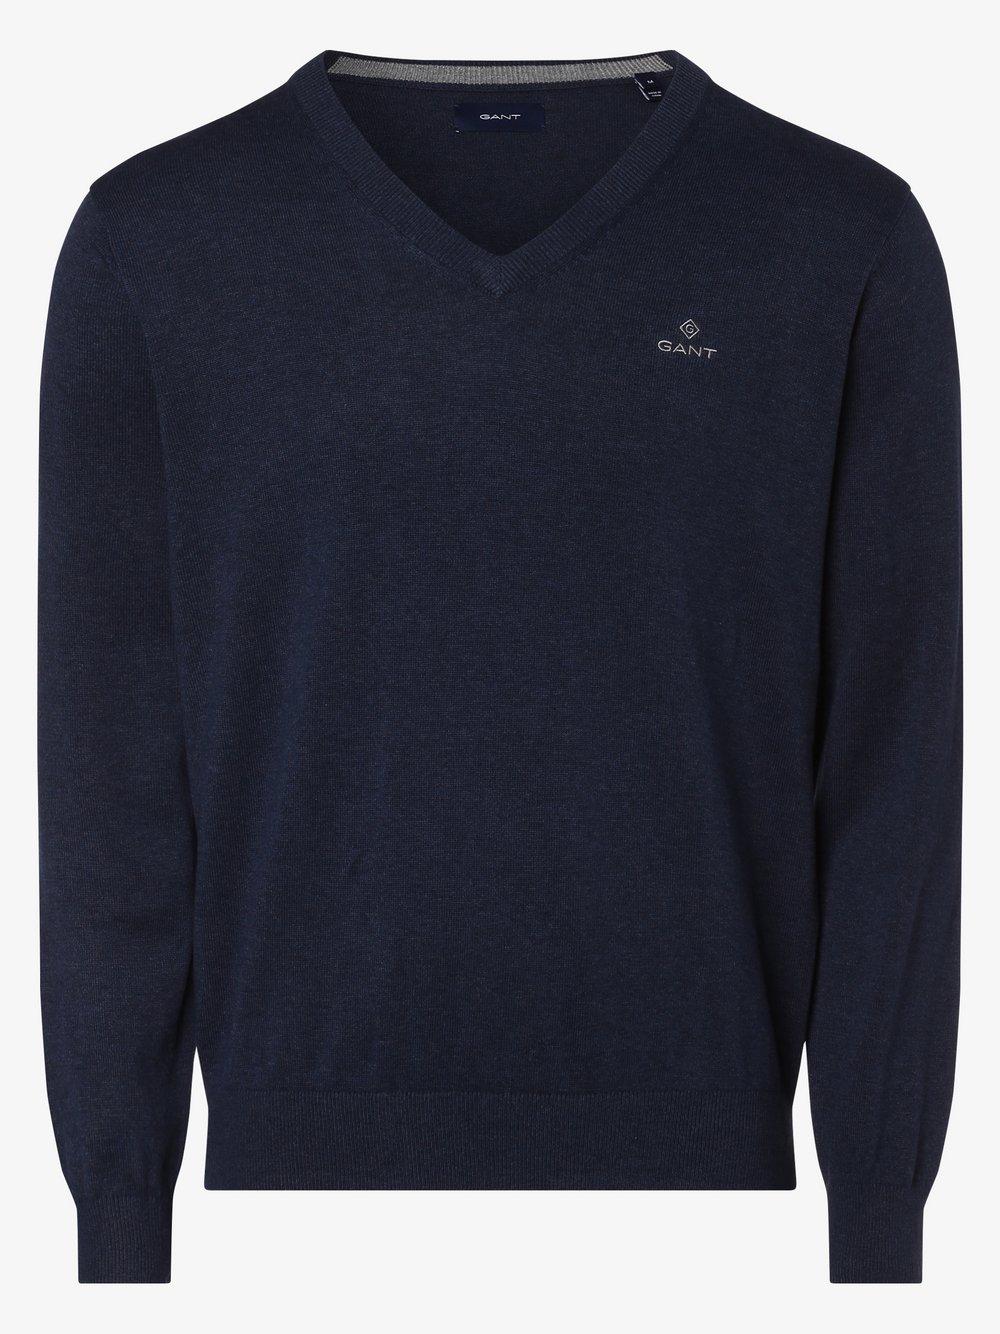 Gant - Sweter męski, niebieski